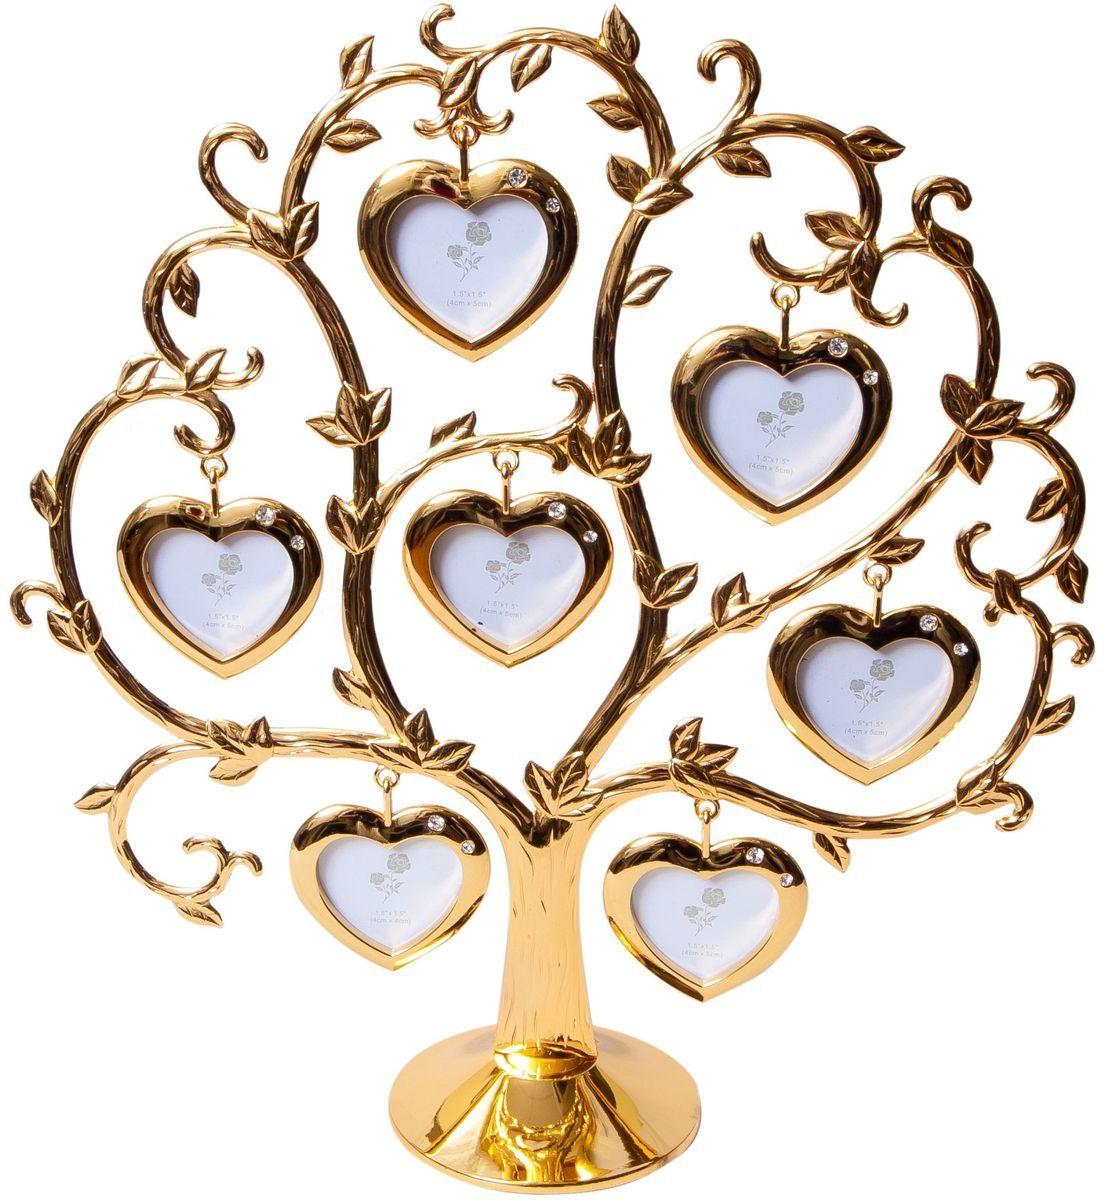 Фоторамка Platinum Дерево. Сердца, цвет: золотистый, на 7 фото, 4 x 4 см. PF9460CSGPLATINUM BIN-112184 Белый с золотом (White with gold)Декоративная фоторамка Platinum Дерево. Сердца выполнена из металла. На подставку в виде деревца подвешиваются семь рамочек в форме сердец, украшенных стразами. Изысканная и эффектная, эта потрясающая рамочка покорит своей красотой и изумительным качеством исполнения. Фоторамка Platinum Дерево. Сердца не только украсит интерьер помещения, но и поможет разместить фото всей вашей семьи. Высота фоторамки: 26 см. Фоторамка подходит для фотографий 4 х 4 см.Общий размер фоторамки: 25 х 5 х 26 см.